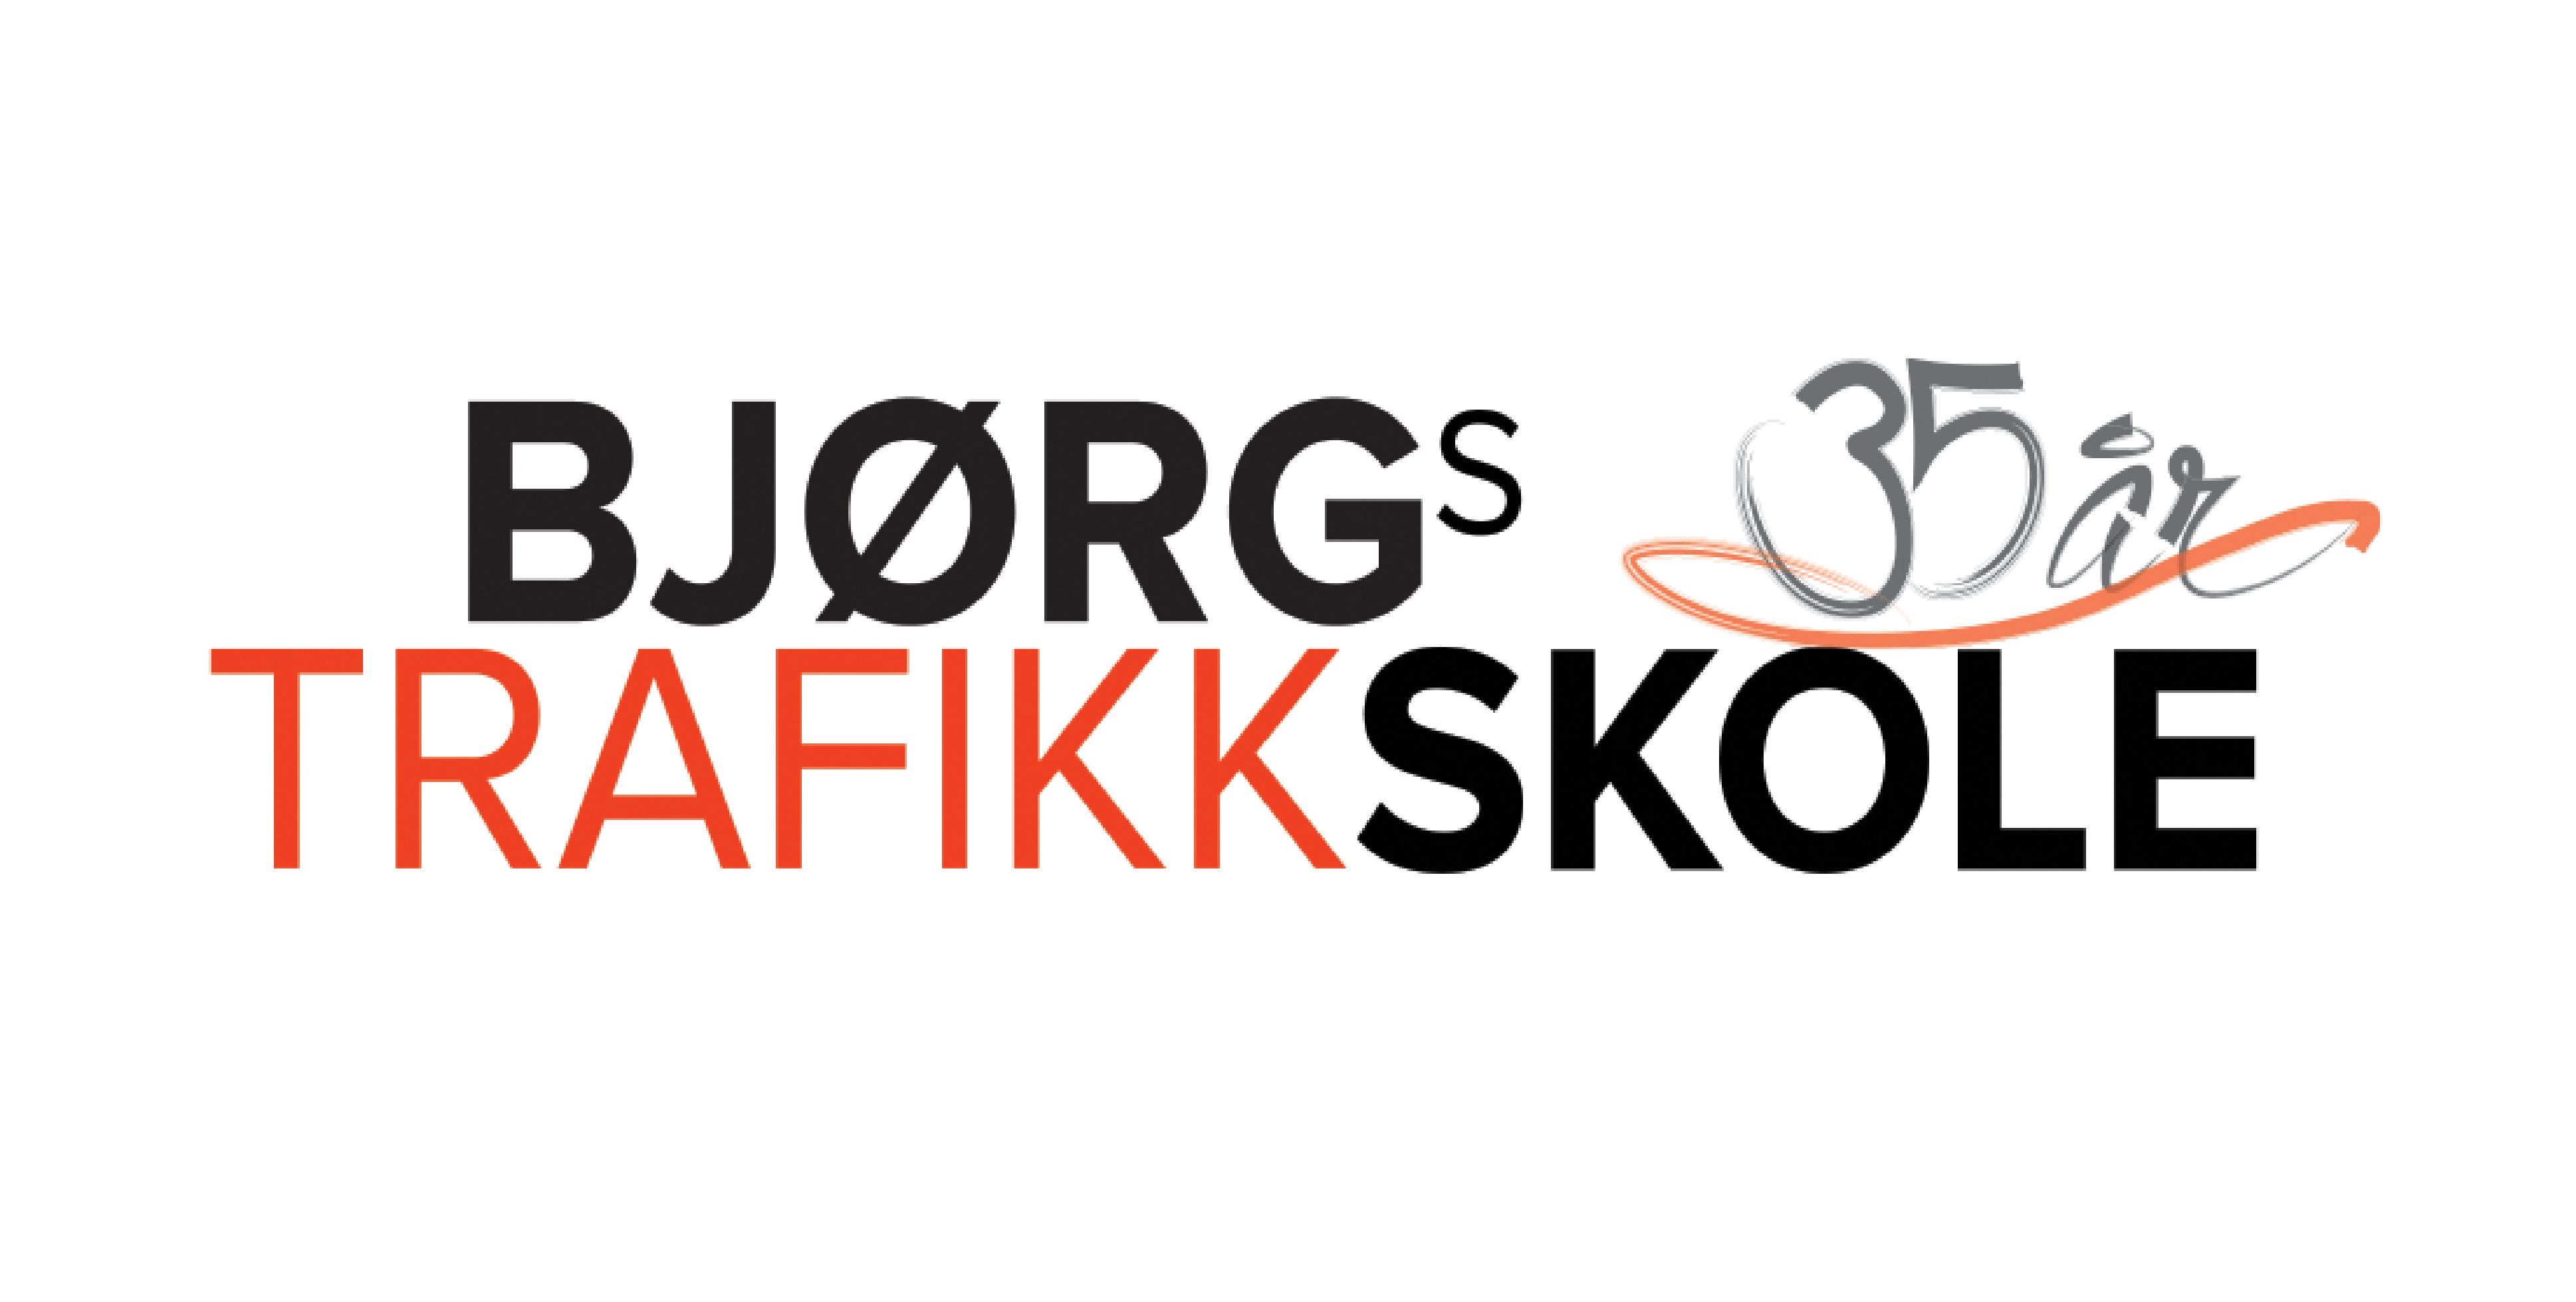 Bjørgs Trafikkskole